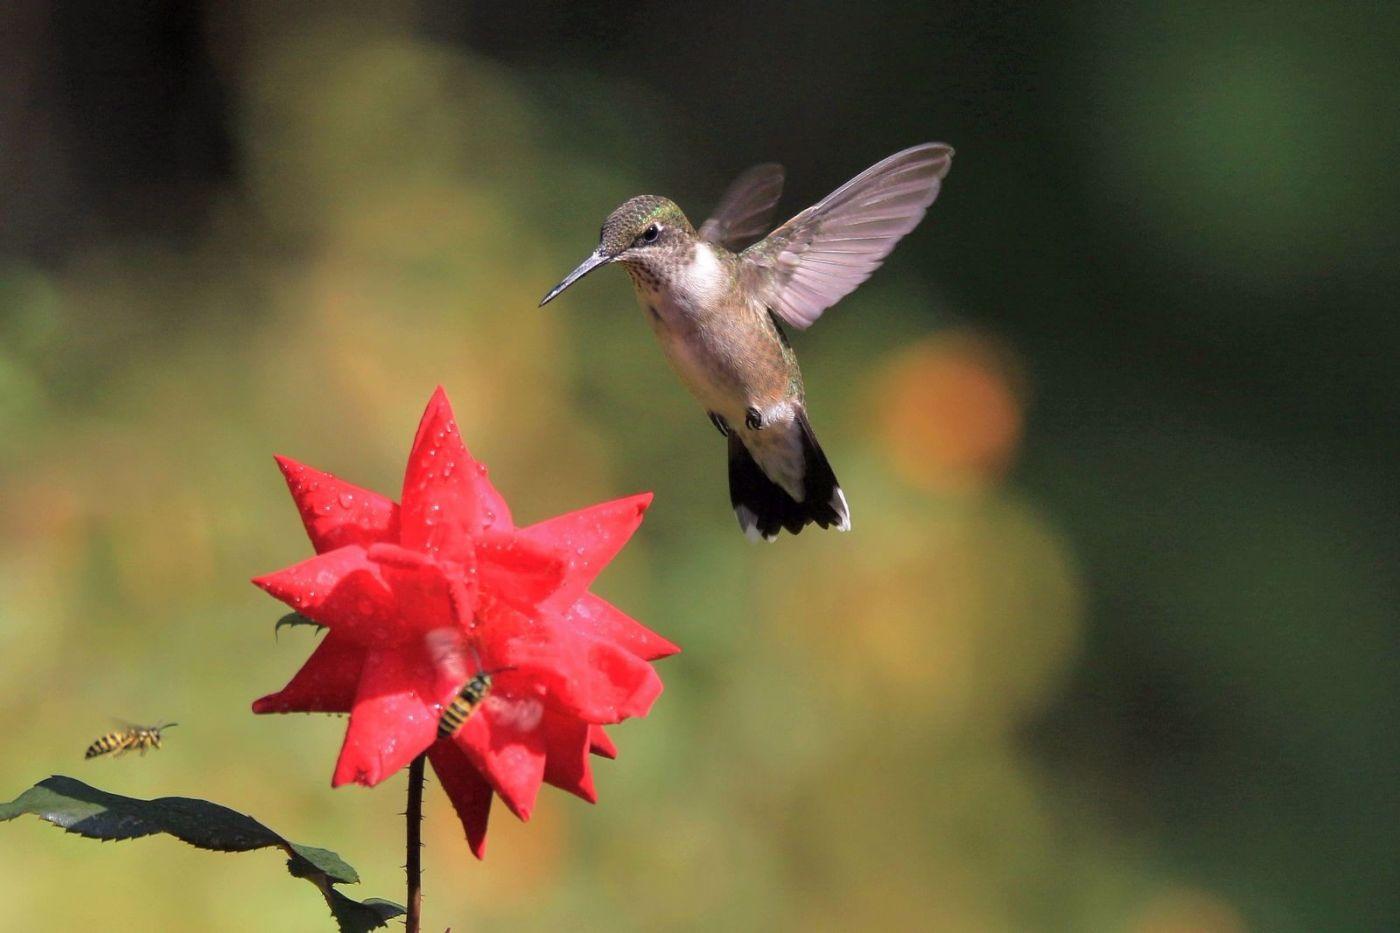 凯辛娜公园拍的蜂鸟_图1-13